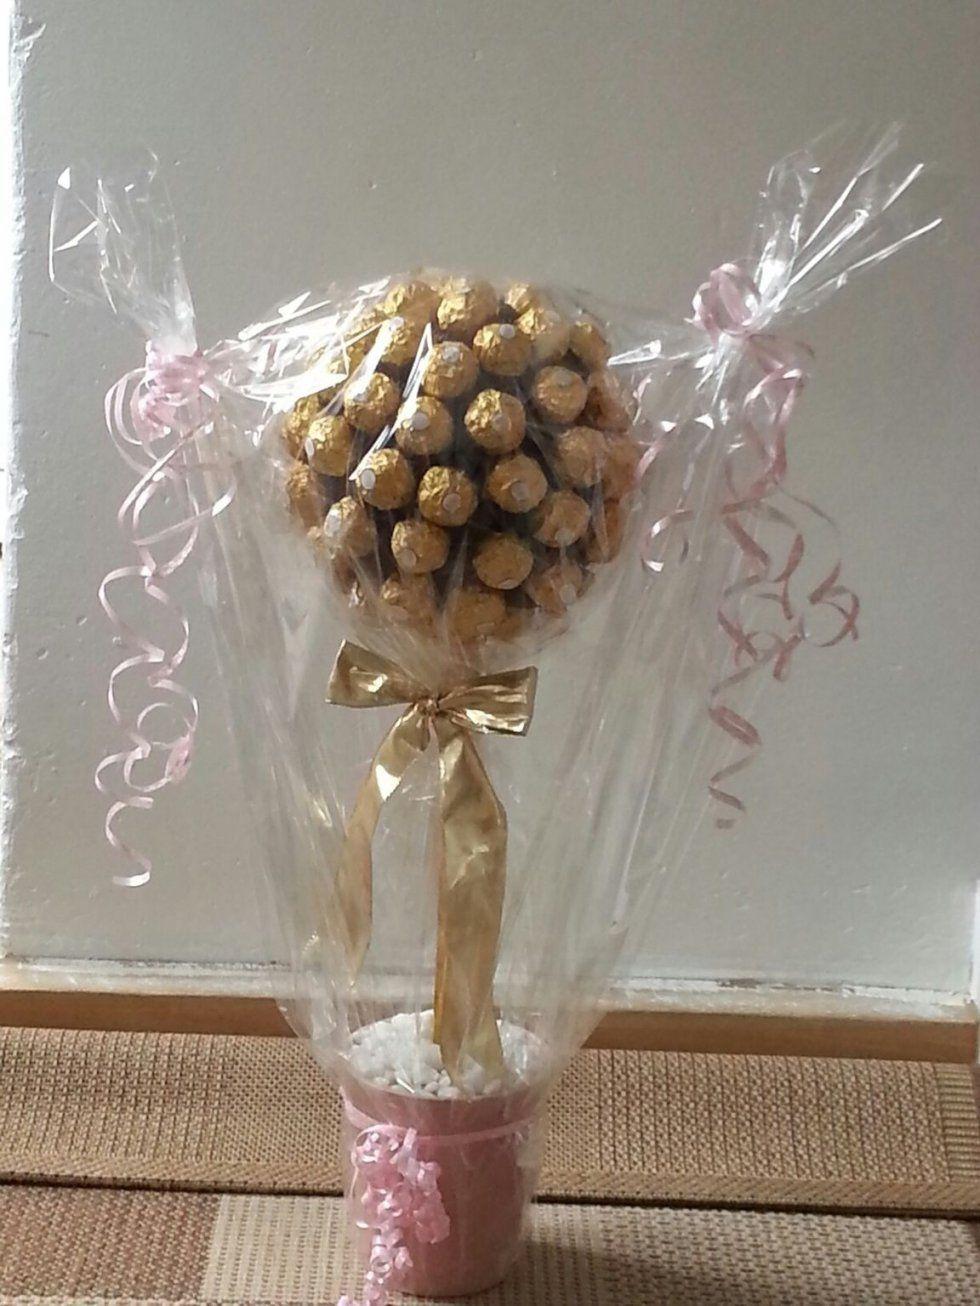 Gebraucht Ferrero Rocher Baum In 45772 Marl Um € 6000 – Shpock von Rocher Baum Selber Machen Photo